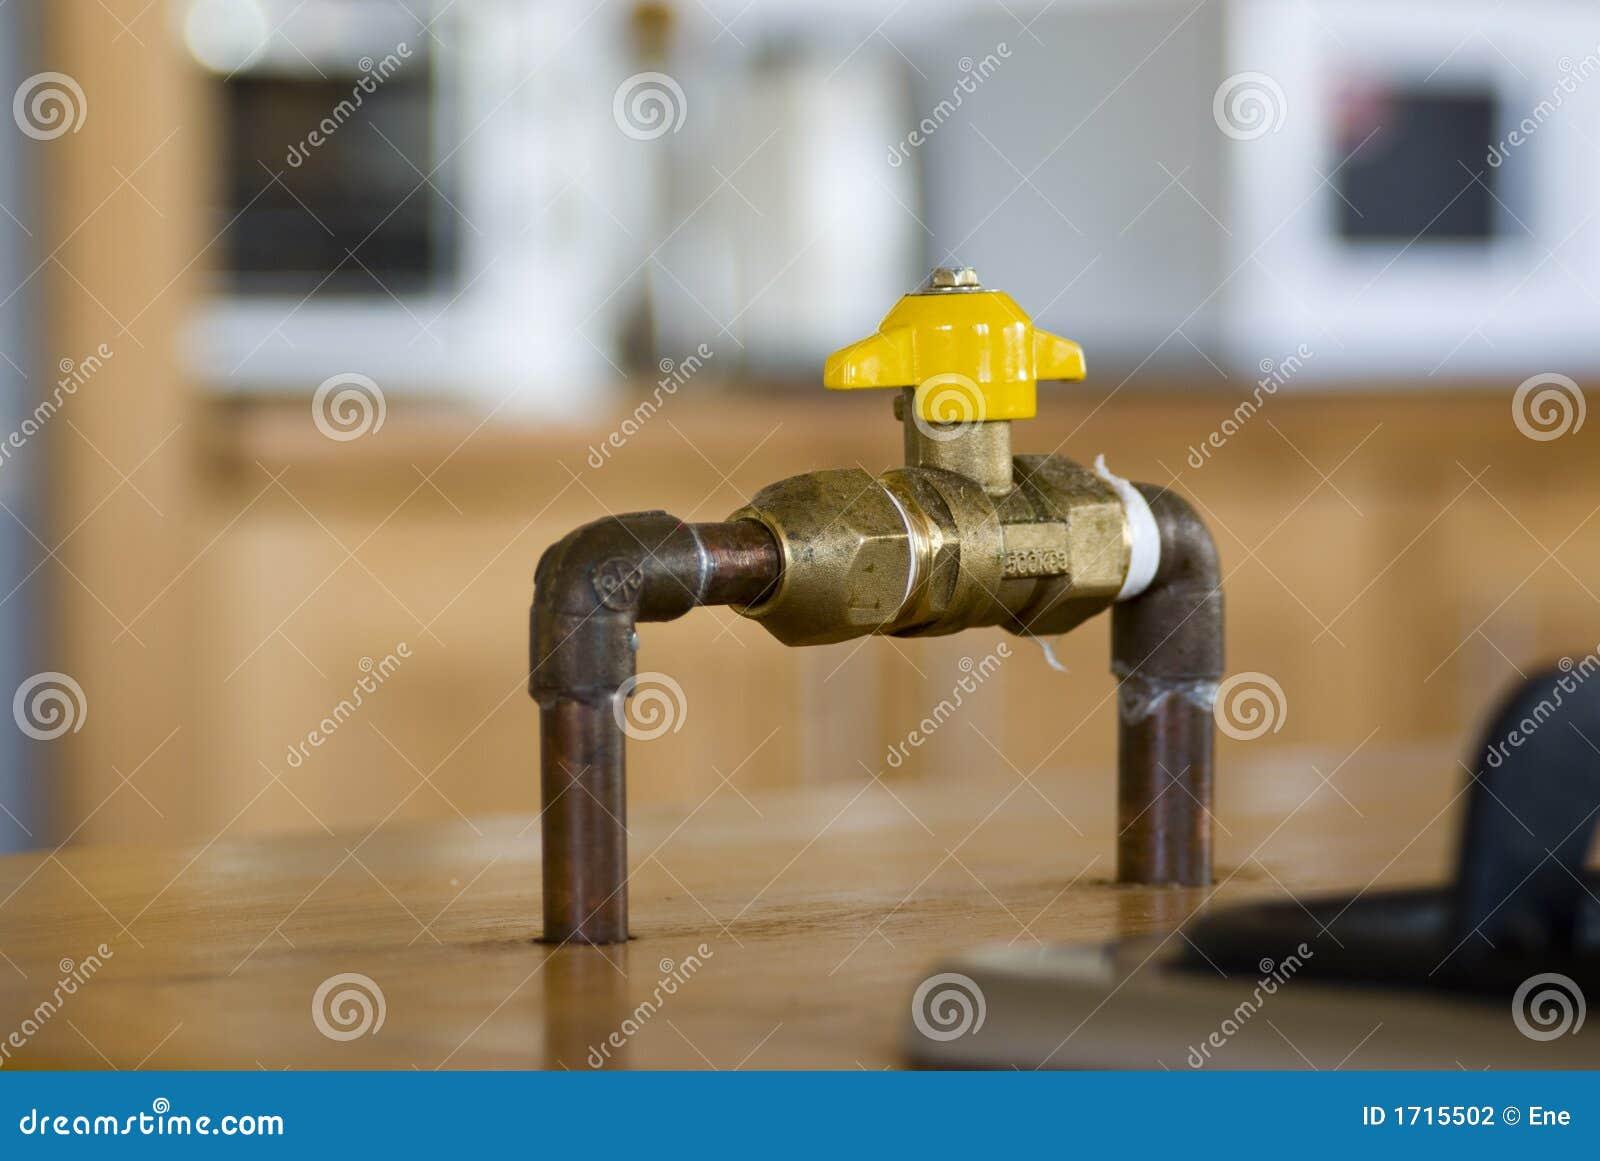 Valvola di intercettazione del gas fotografia stock - Tubo gas cucina lunghezza massima ...